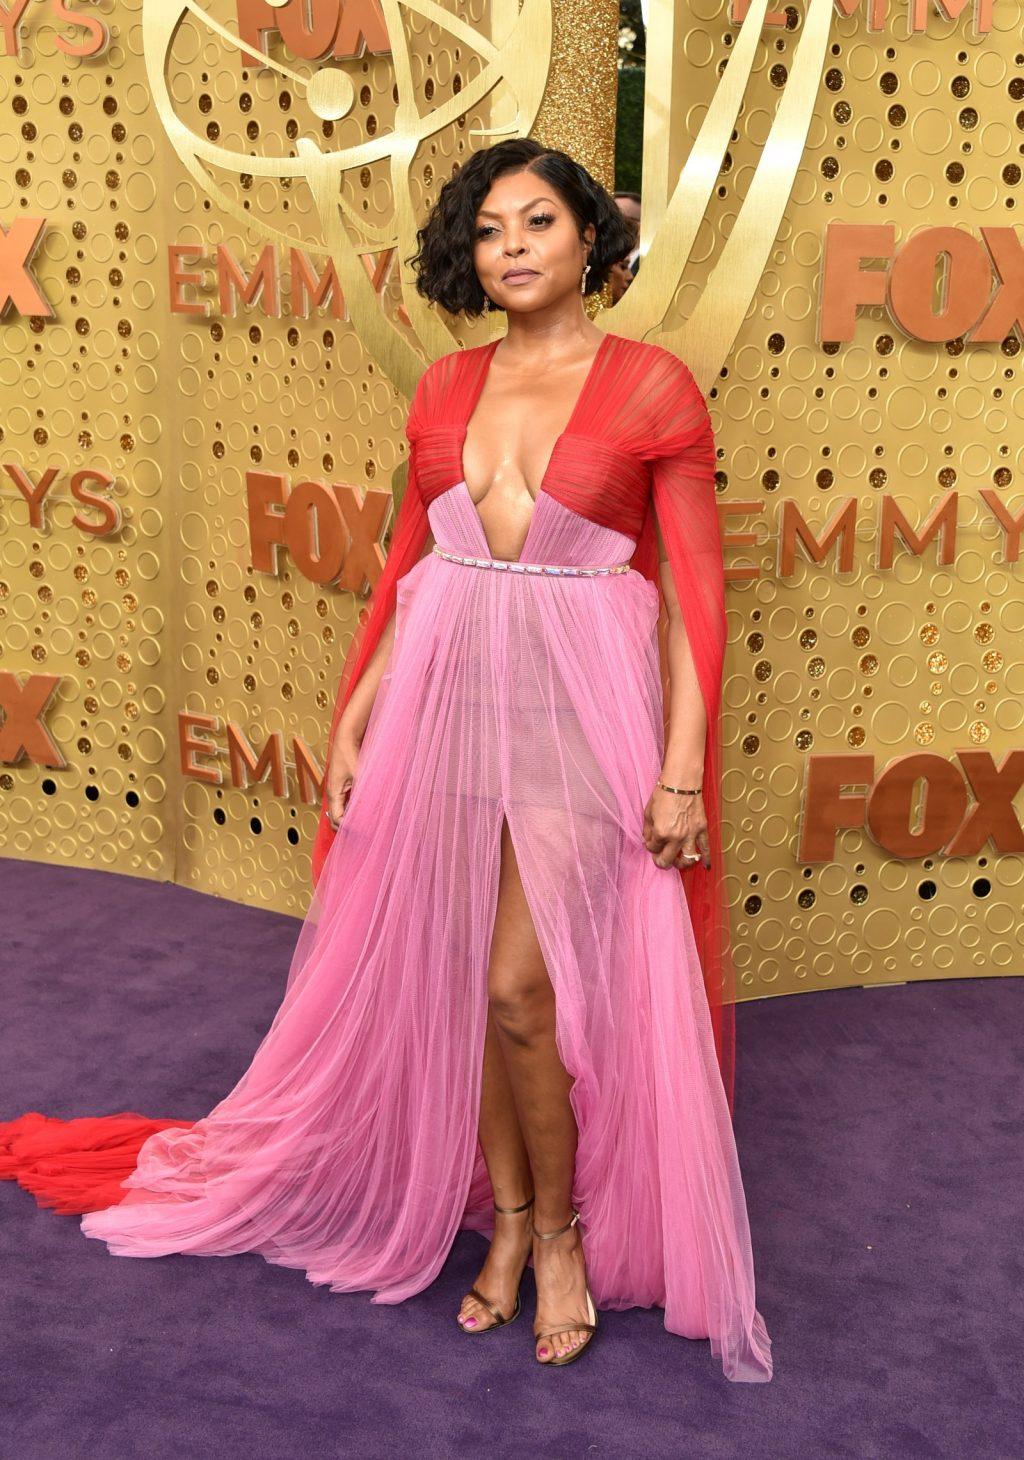 Sự kết hợp giữa hồng và đỏ cùng được nhiều sao chọn khi xuất hiện tại thảm đỏ Emmy 2019. Taraji P.Henson xuất trong bộ đầm duyên dáng.